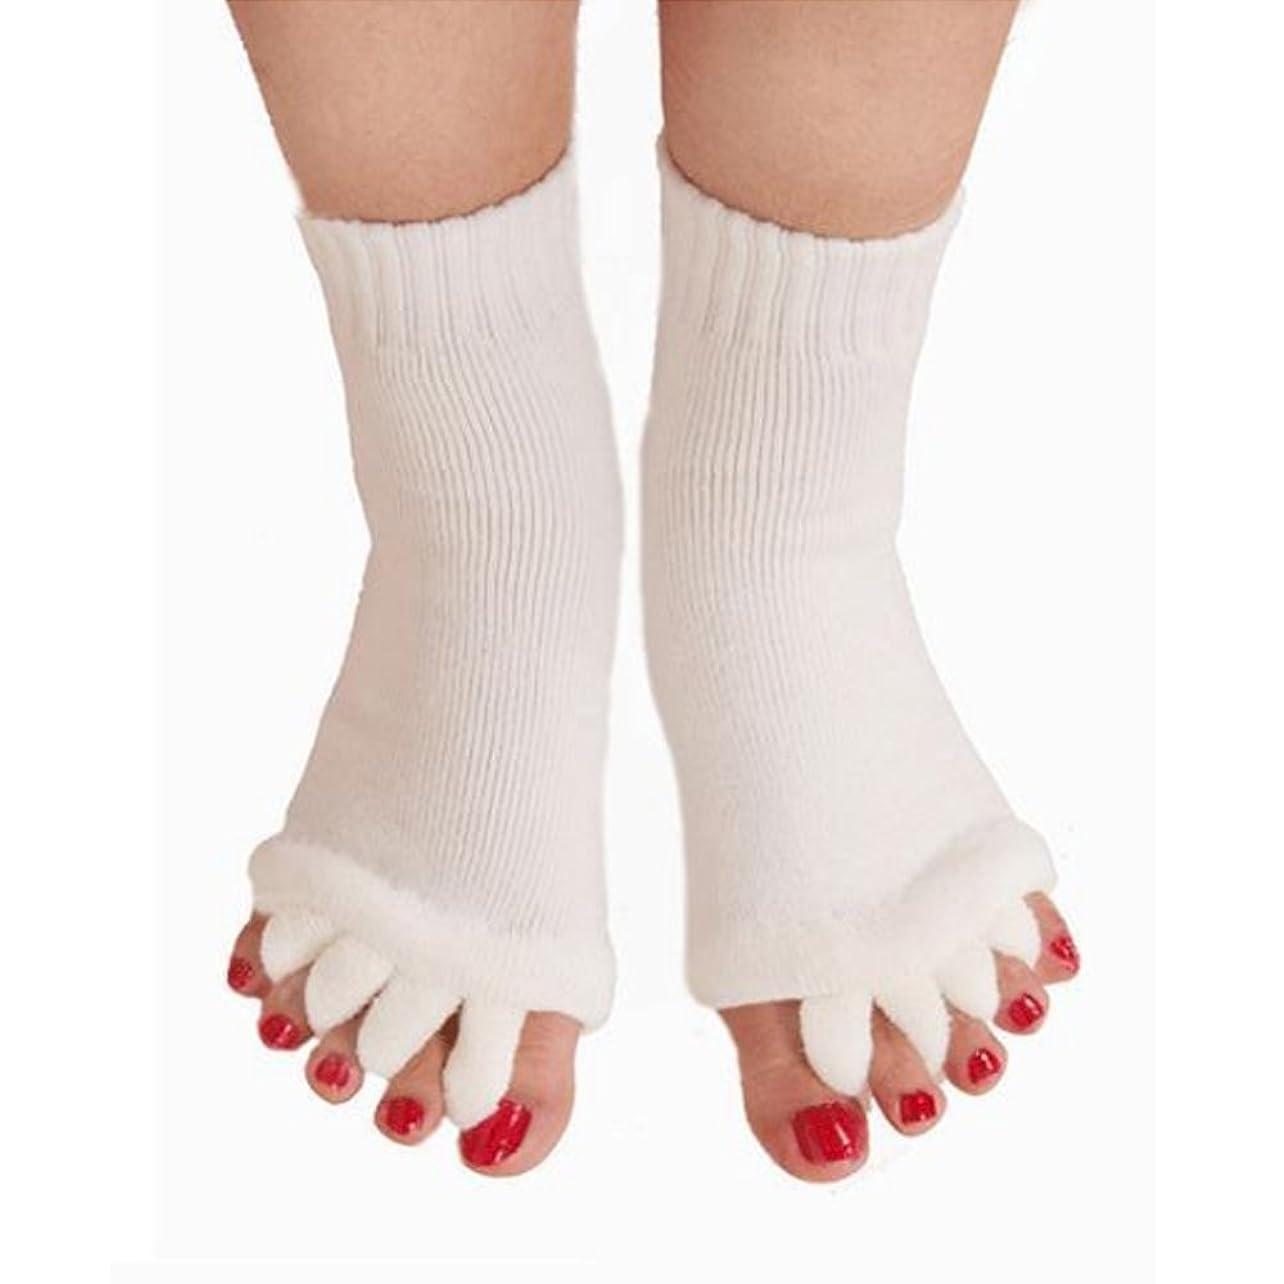 謝罪する欠伸印象的な5本指 ソックス 靴下 足指全開 スリーピングソックス 足指ケア 痛みを軽減する 外反母趾 偏平足対策 ヨガウェア 美脚 就寝時用 快眠 むくみ解消 ホワイト 1ペア